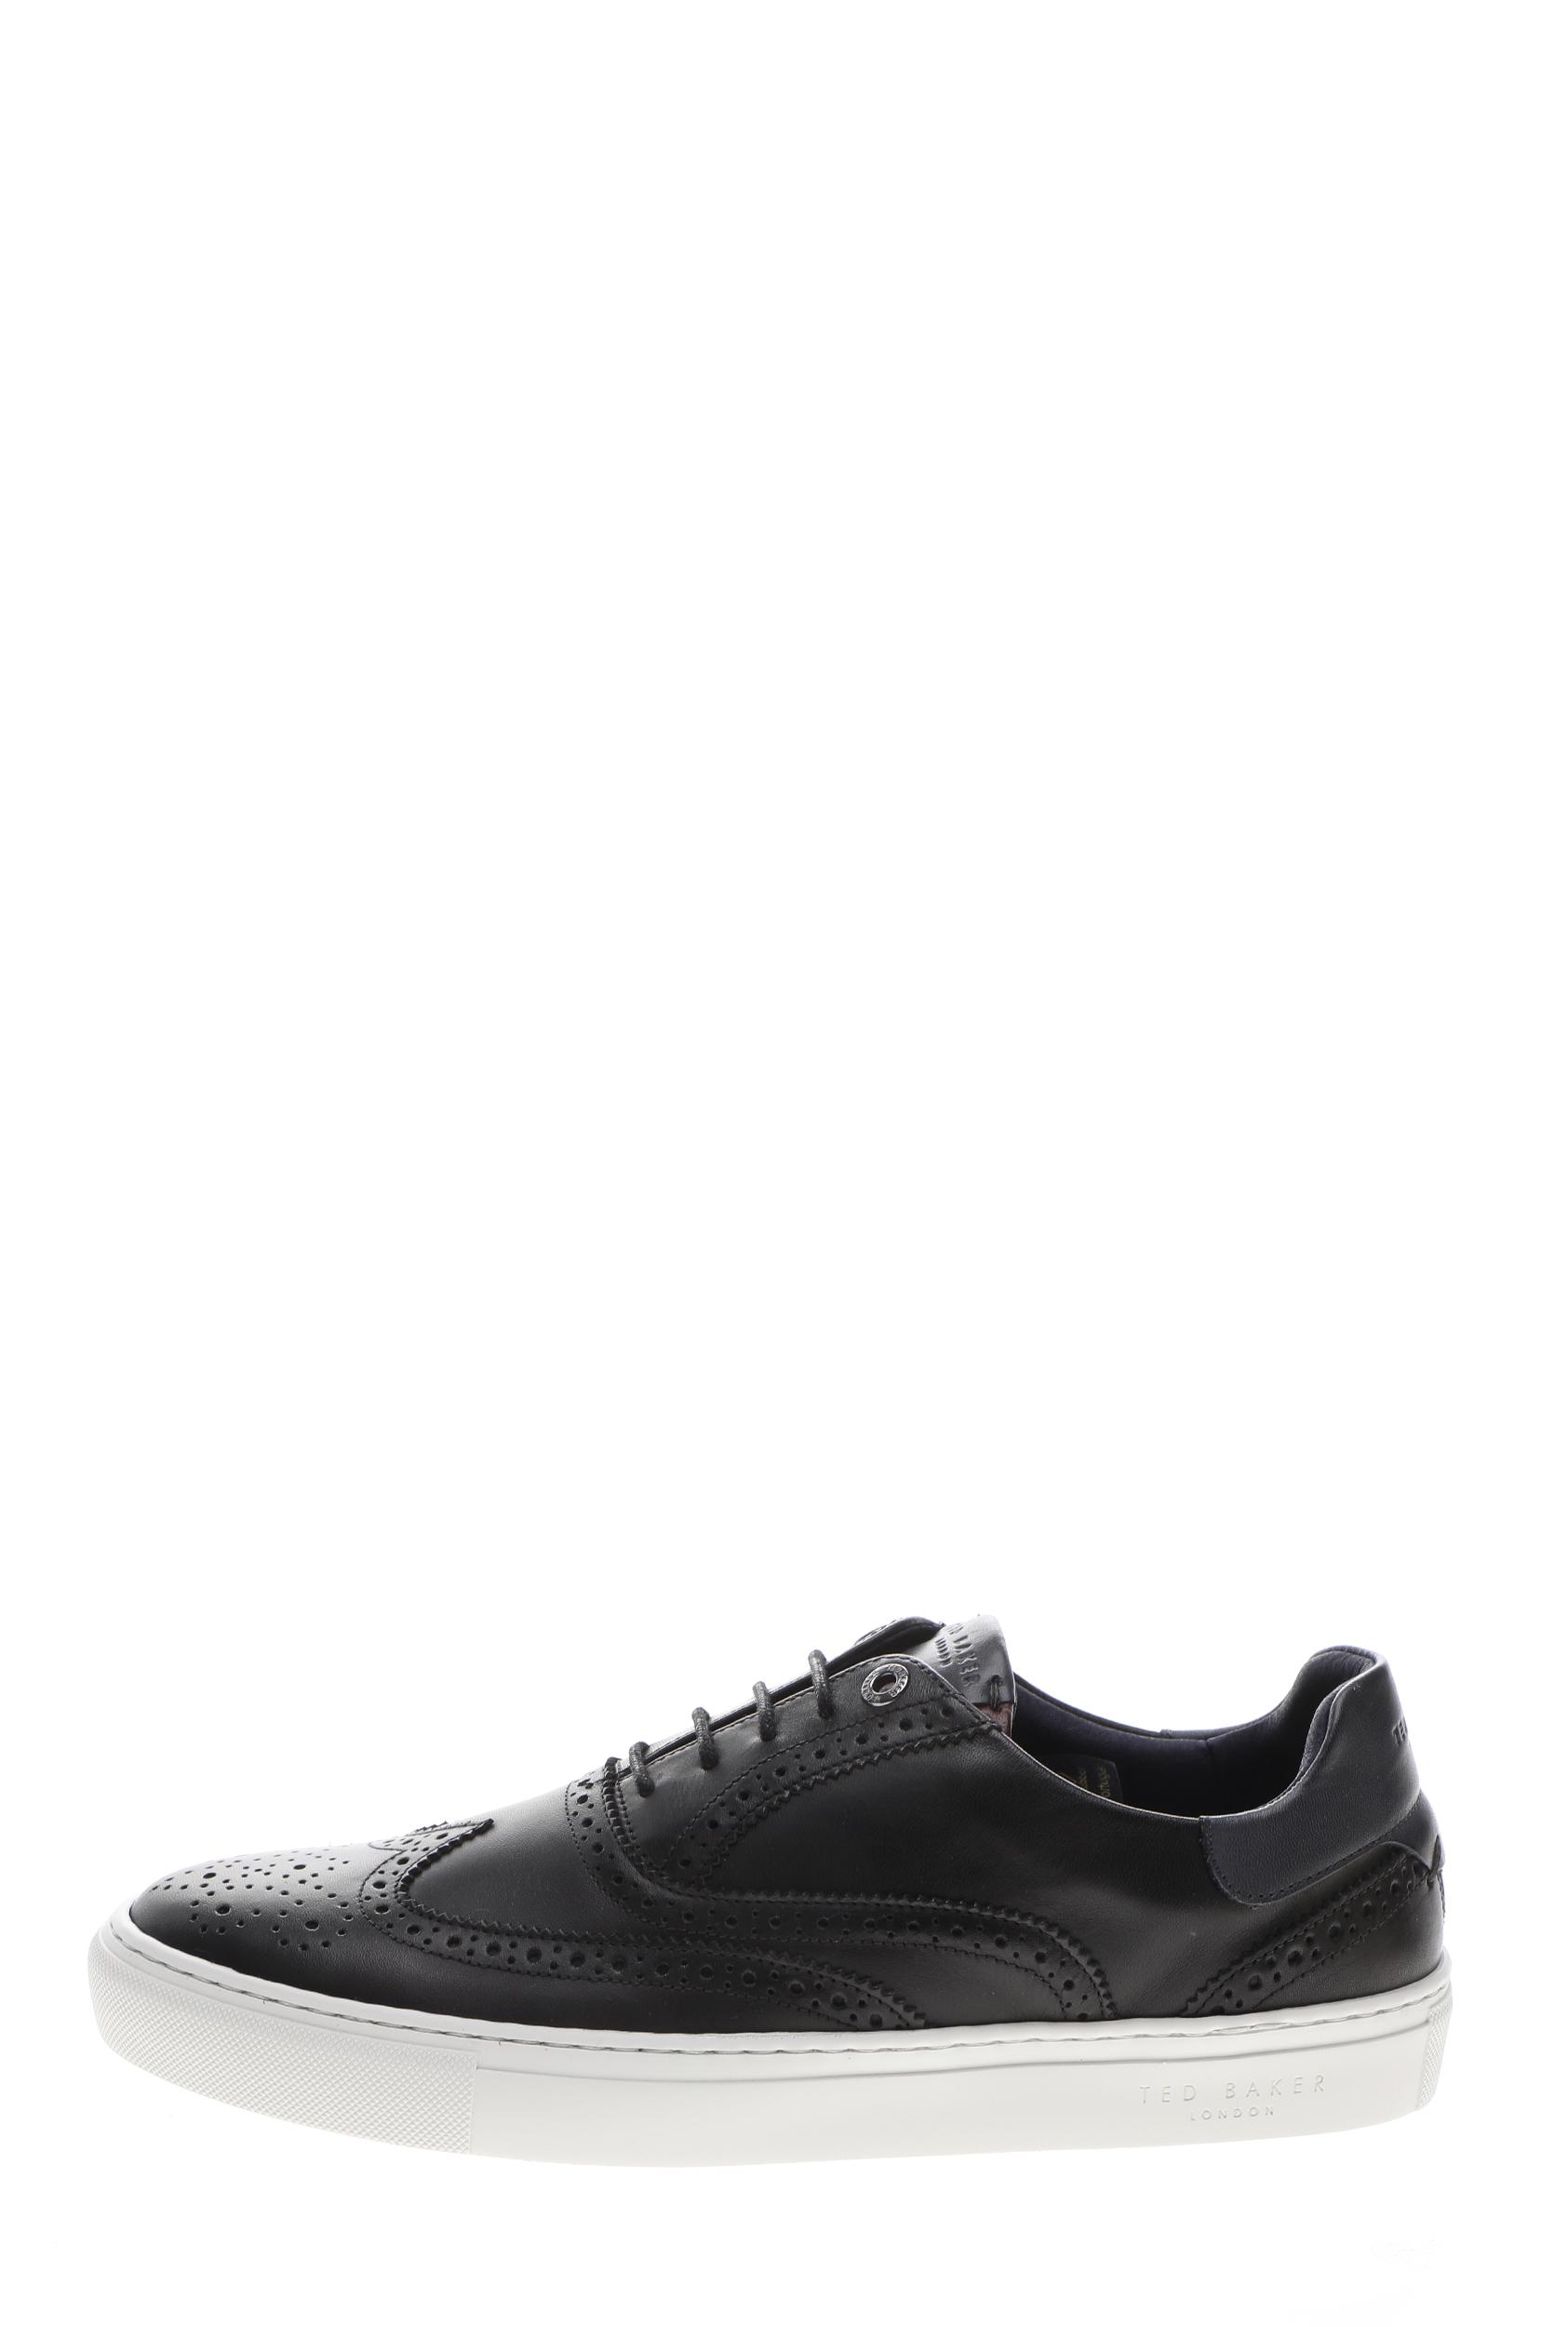 TED BAKER – Ανδρικά sneakers TED BAKER DENNTON μαύρα